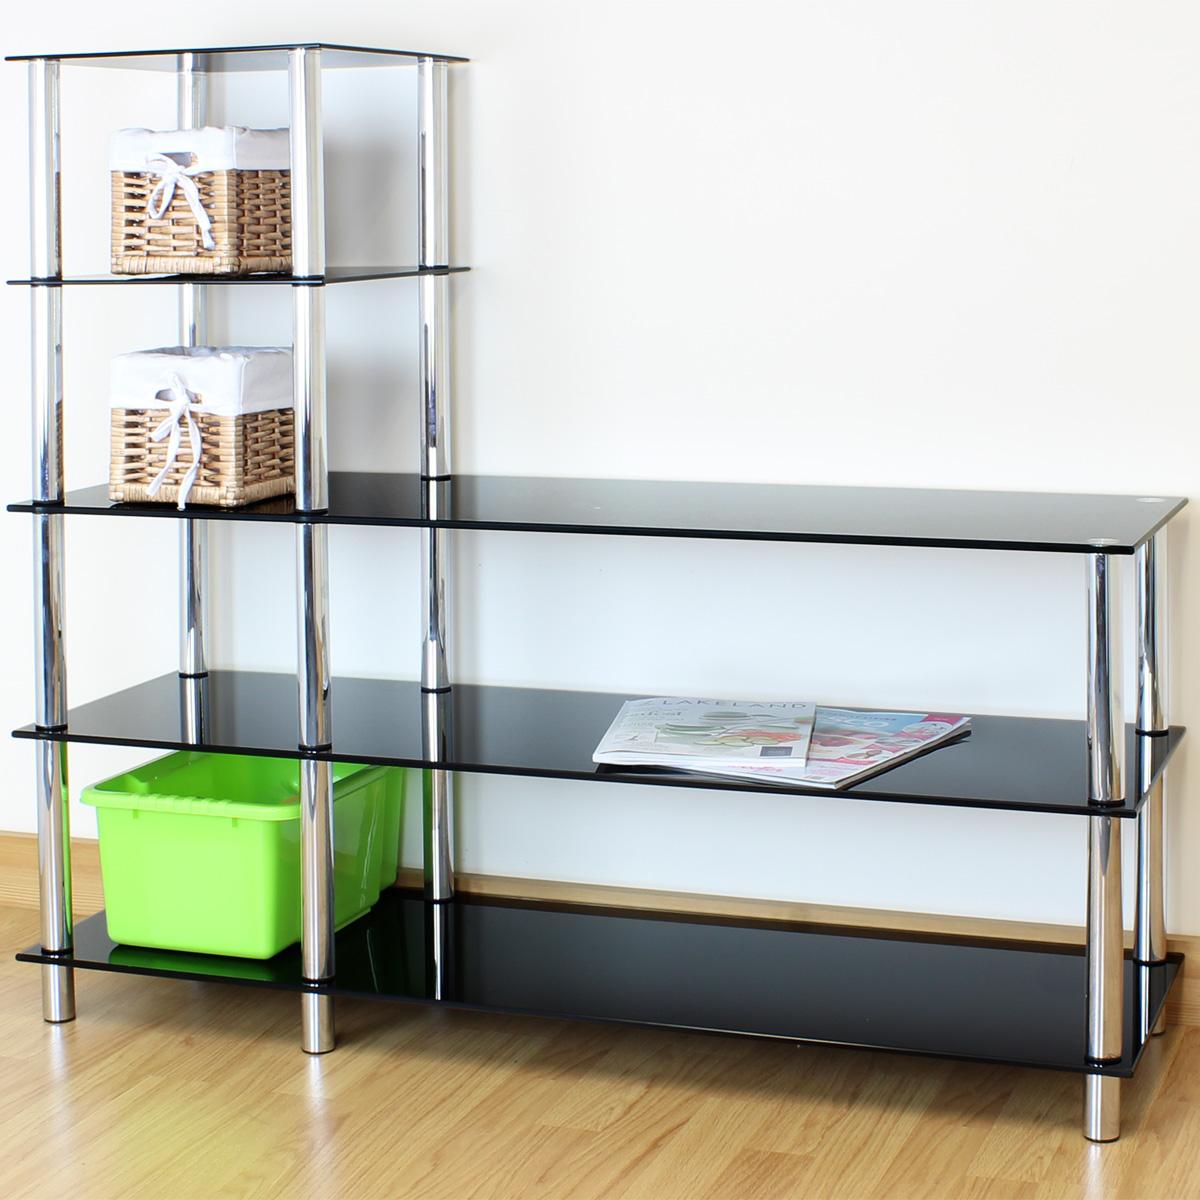 l shape black glass 5 tier shelf display unit office bedroom lounge tv stand ebay. Black Bedroom Furniture Sets. Home Design Ideas